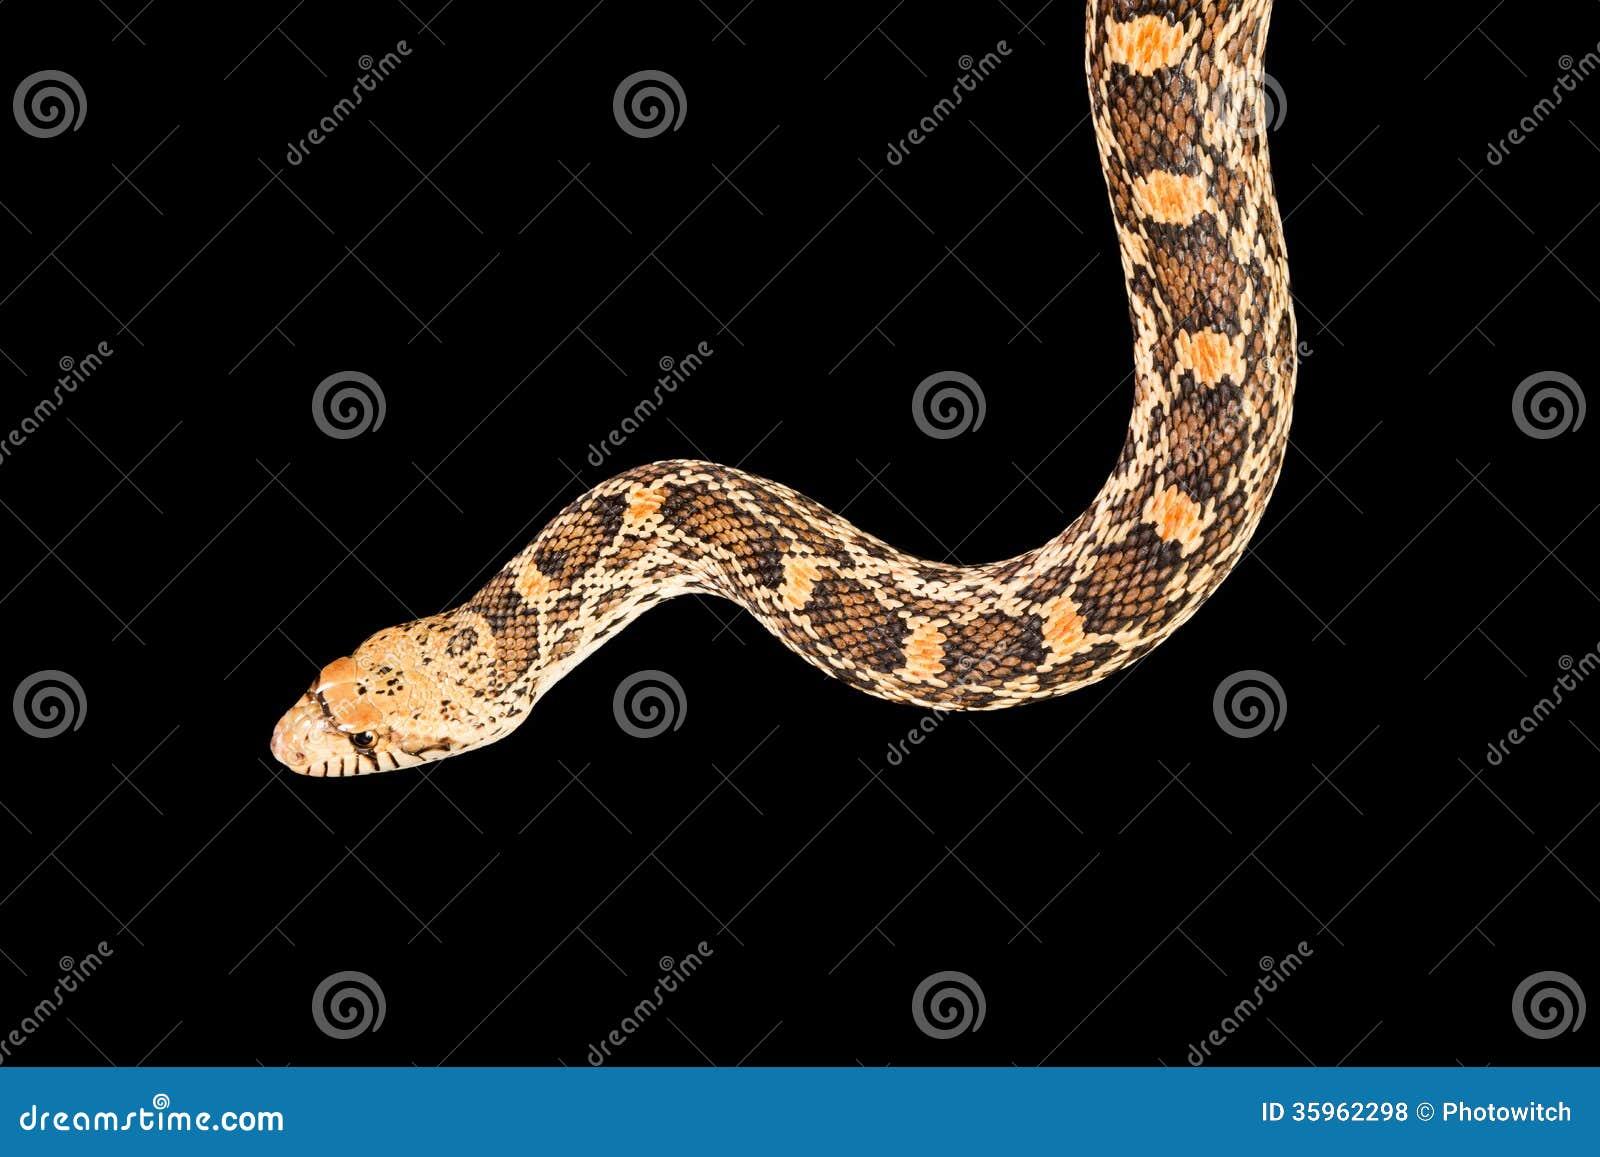 Serpiente aislada en negro